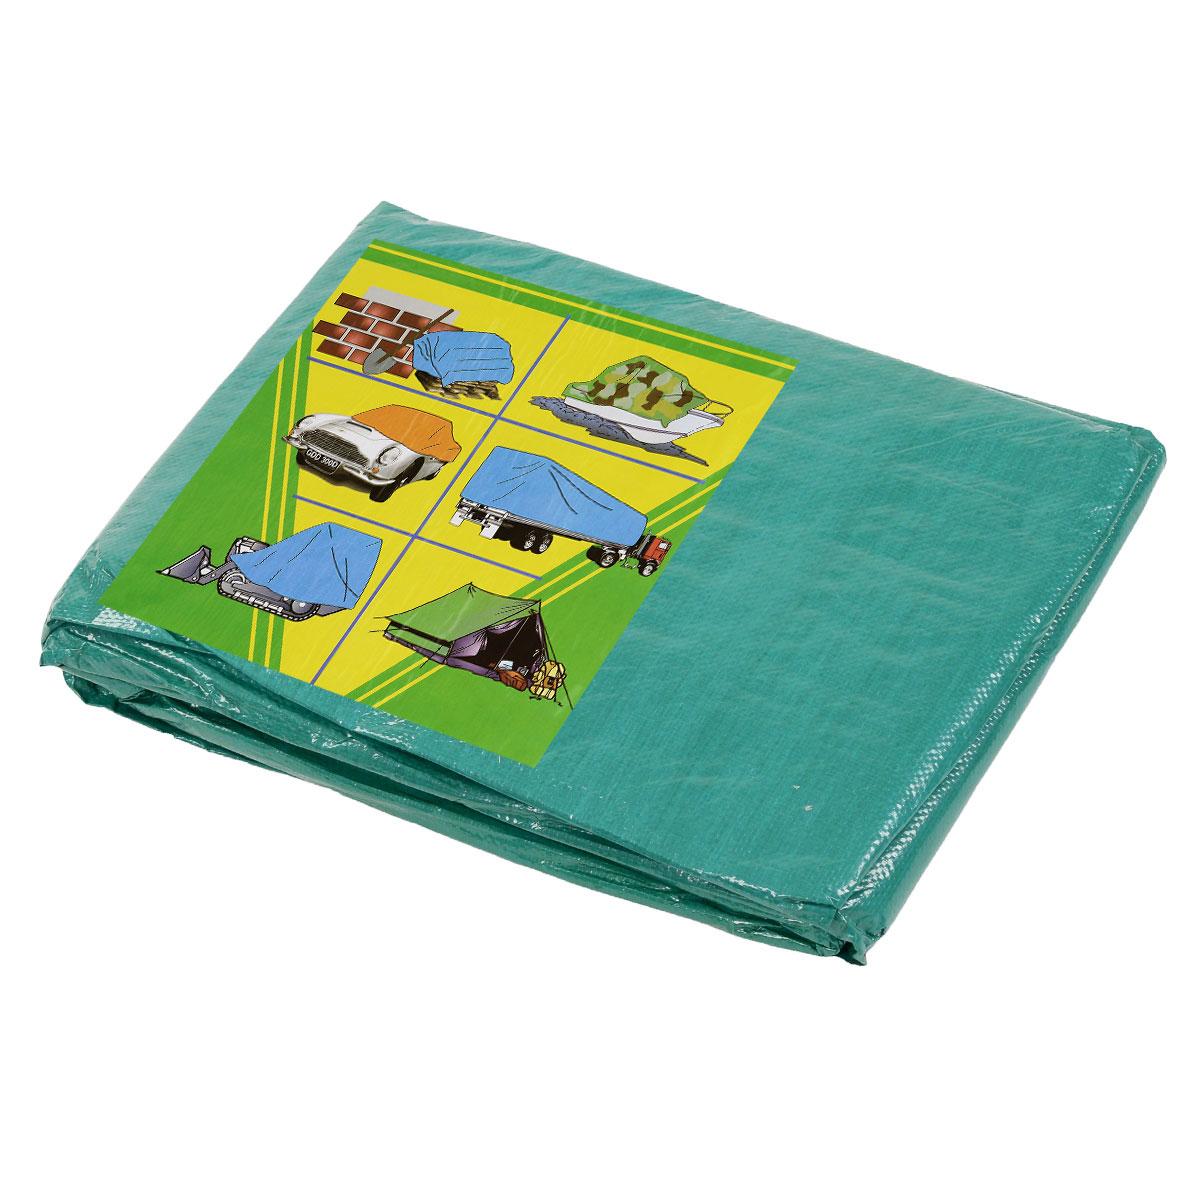 Тент терпаулинг Indiana, цвет: зеленый, 3 м х 5 м набор посуды shantou gepai kitchen в тележке 6669 1